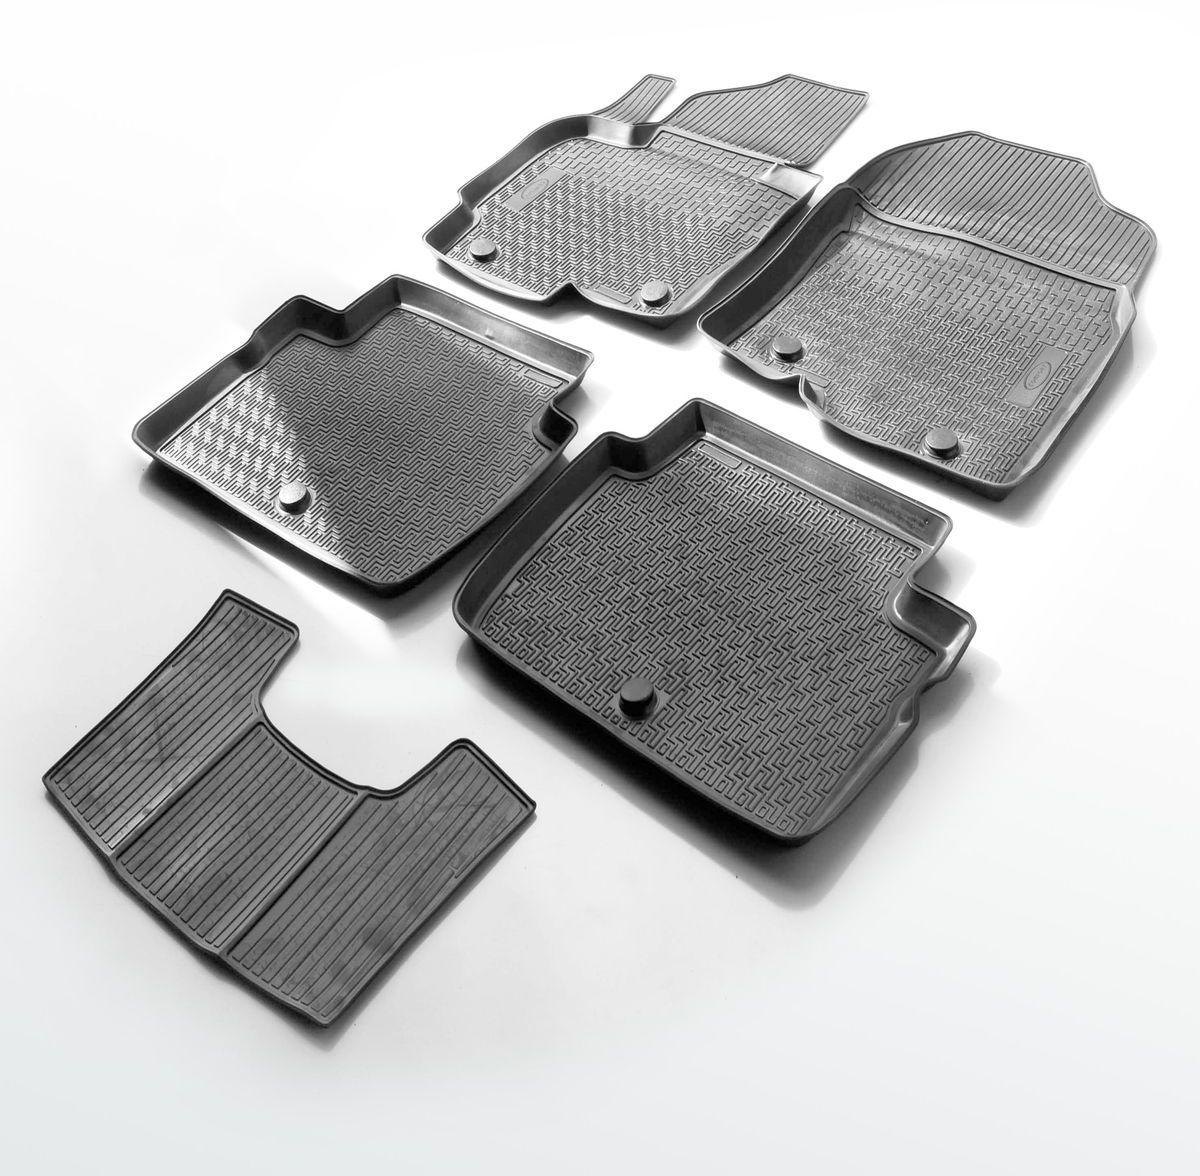 Коврики салона Rival для Opel Antara 2011-, полиуретан15105004Прочные и долговечные коврики Rival в салон автомобиля, изготовлены из высококачественного и экологичного сырья. Коврики полностью повторяют геометрию салона вашего автомобиля.- Надежная система крепления, позволяющая закрепить коврик на штатные элементы фиксации, в результате чего отсутствует эффект скольжения по салону автомобиля.- Высокая стойкость поверхности к стиранию.- Специализированный рисунок и высокий борт, препятствующие распространению грязи и жидкости по поверхности коврика.- Перемычка задних ковриков в комплекте предотвращает загрязнение тоннеля карданного вала.- Коврики произведены из первичных материалов, в результате чего отсутствует неприятный запах в салоне автомобиля.- Высокая эластичность, можно беспрепятственно эксплуатировать при температуре от -45°C до +45°C. Уважаемые клиенты! Обращаем ваше внимание, что коврики имеют форму, соответствующую модели данного автомобиля. Фото служит для визуального восприятия товара.